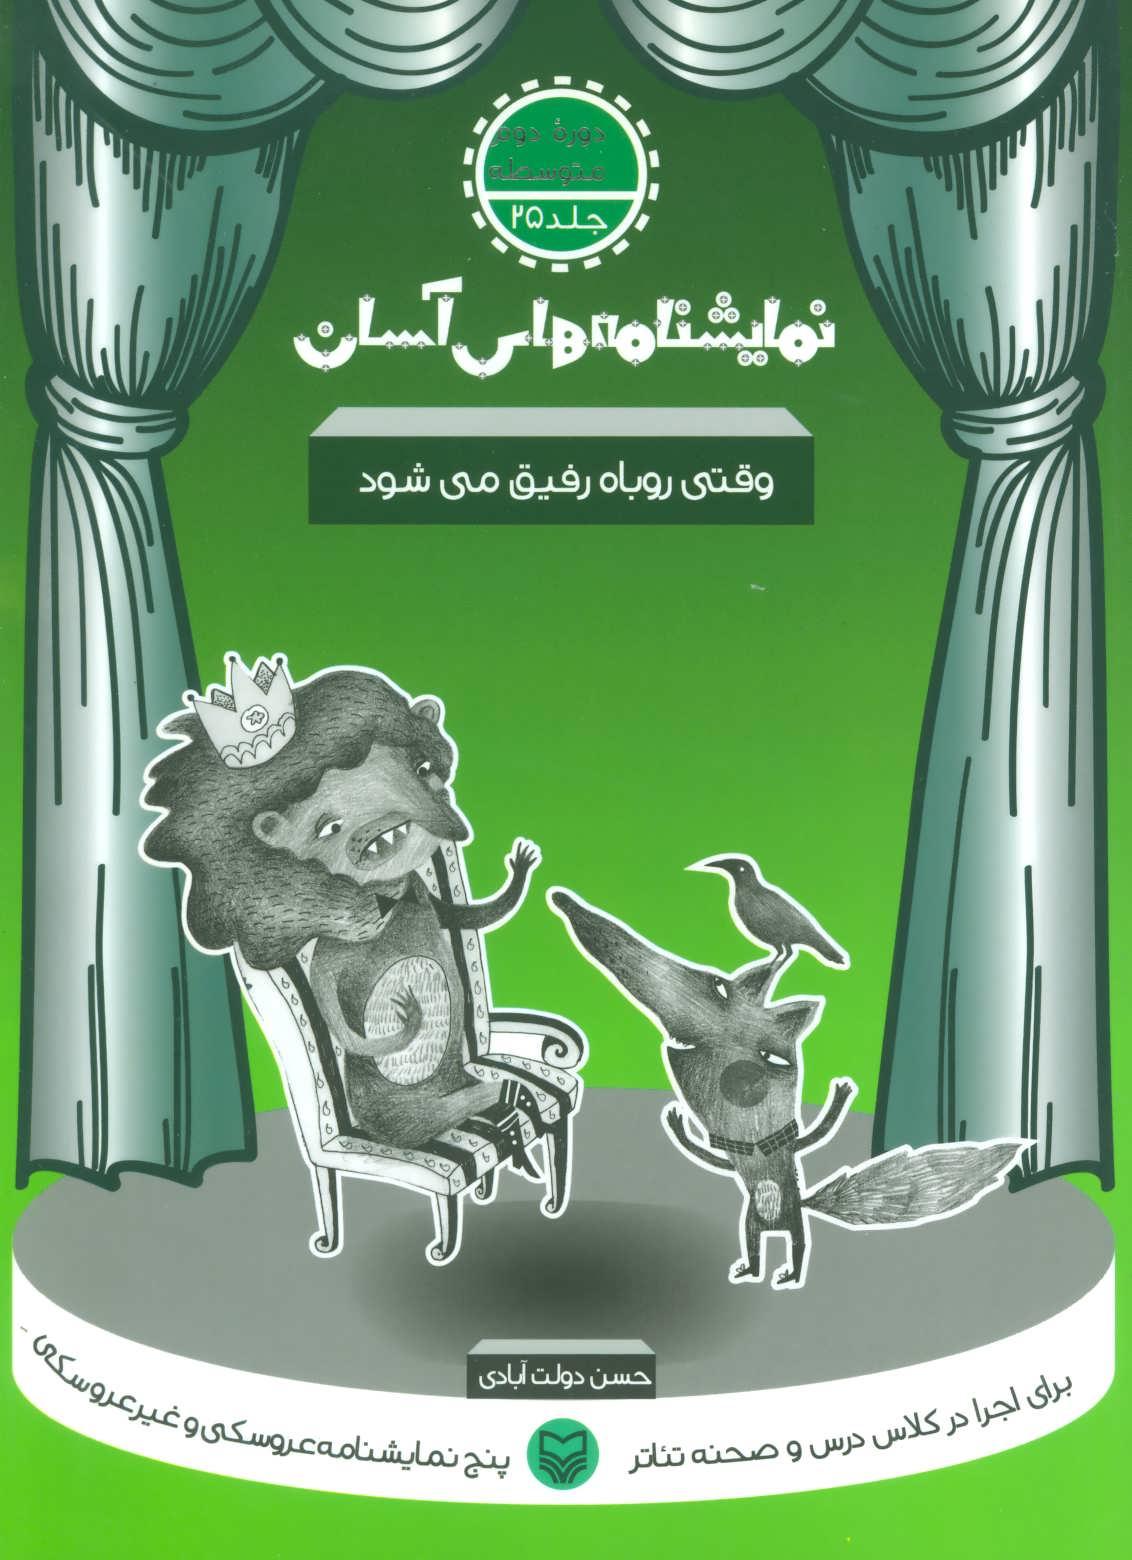 نمایشنامه های آسان25 (وقتی روباه رفیق می شود)